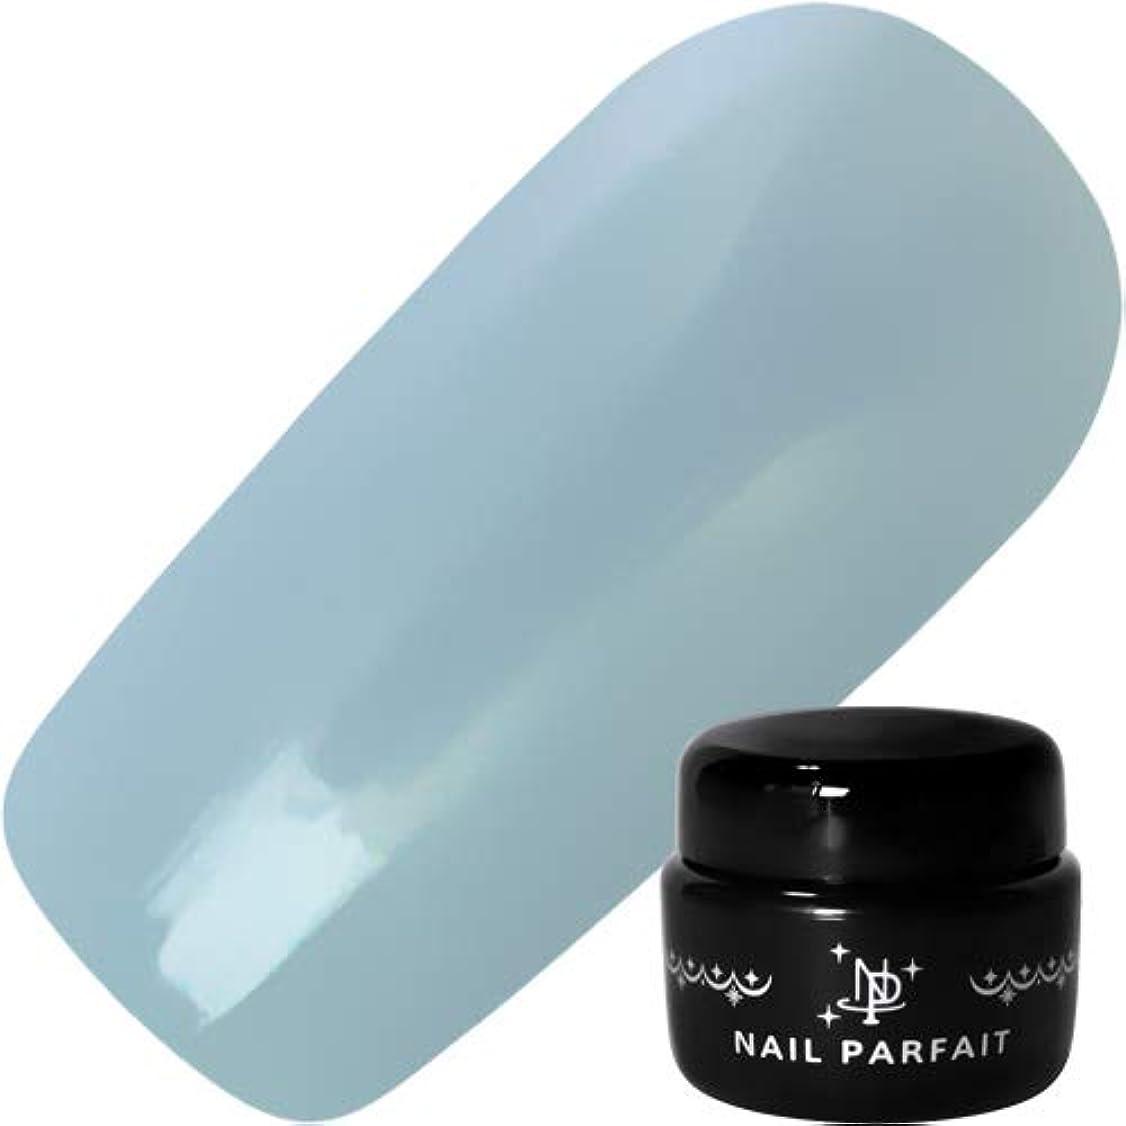 マティス世界的に影のあるNAIL PARFAIT ネイルパフェ カラージェル A55ペールブルー 2g 【ジェル/カラージェル?ネイル用品】